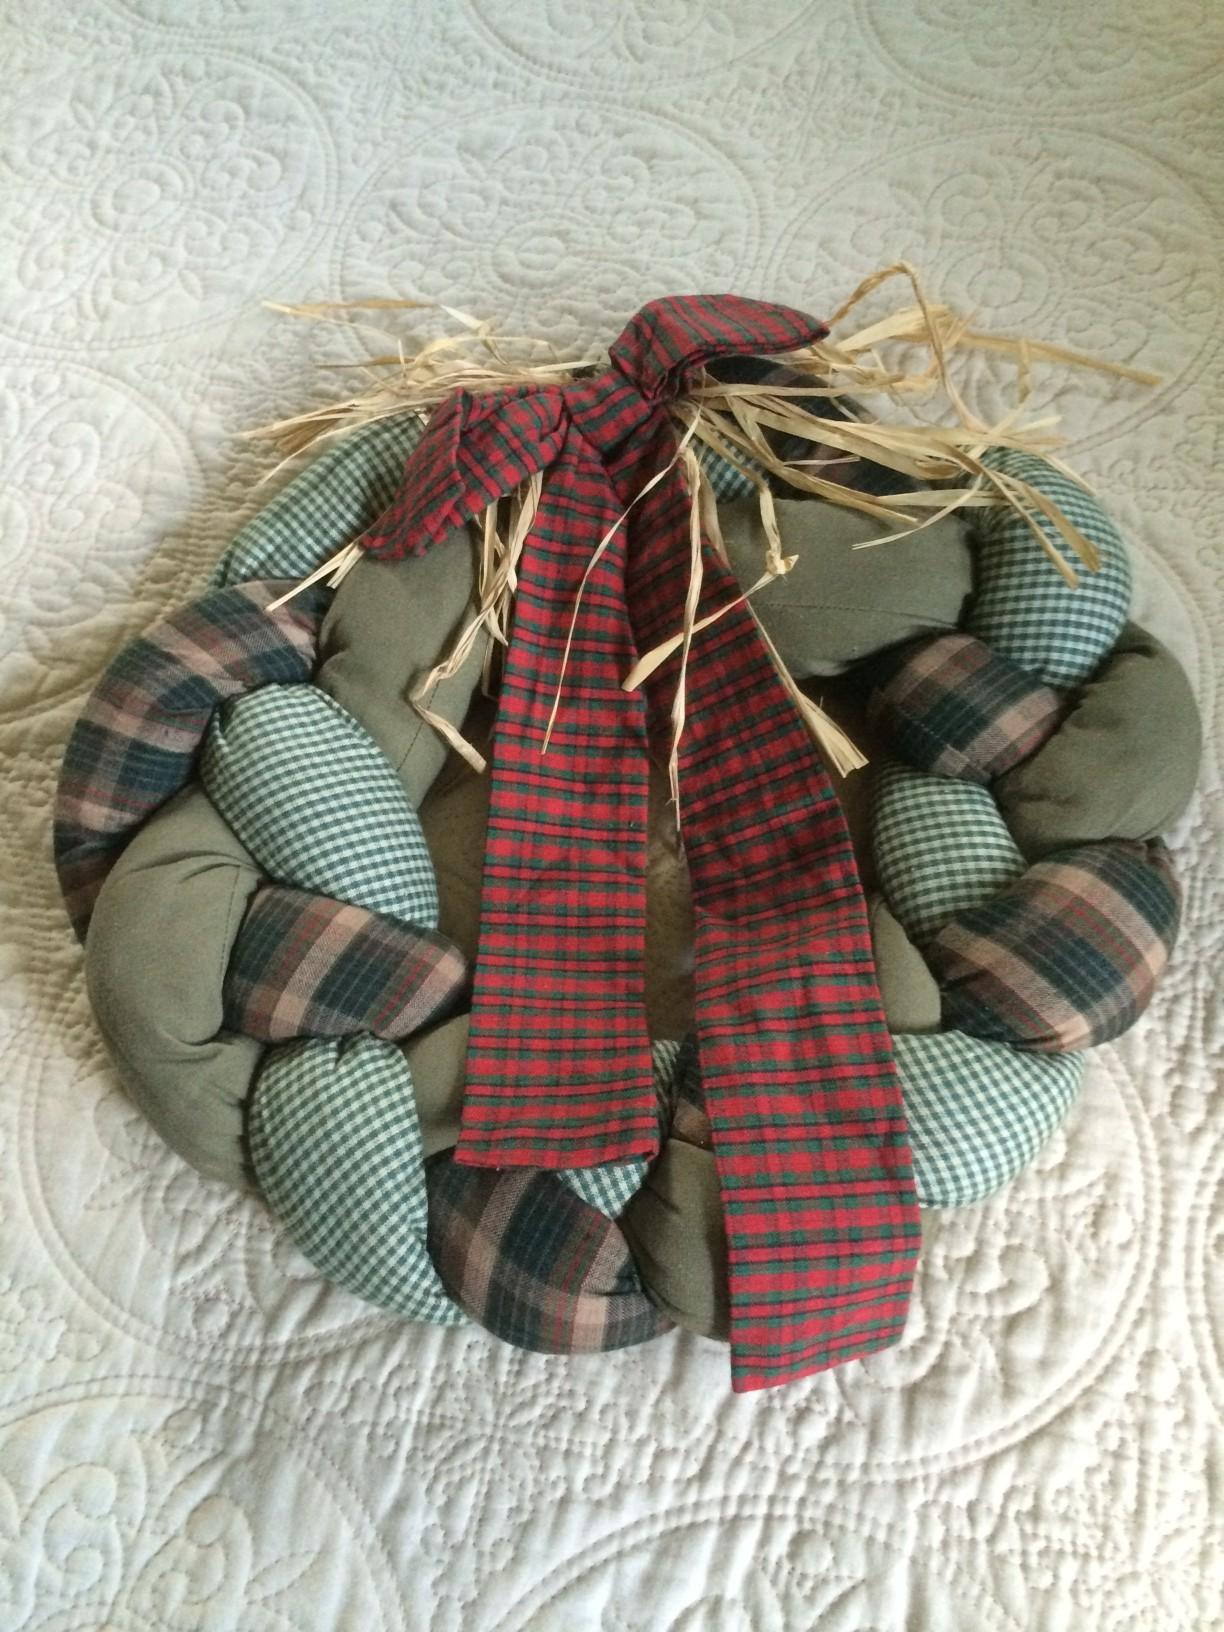 A Woven Wreath